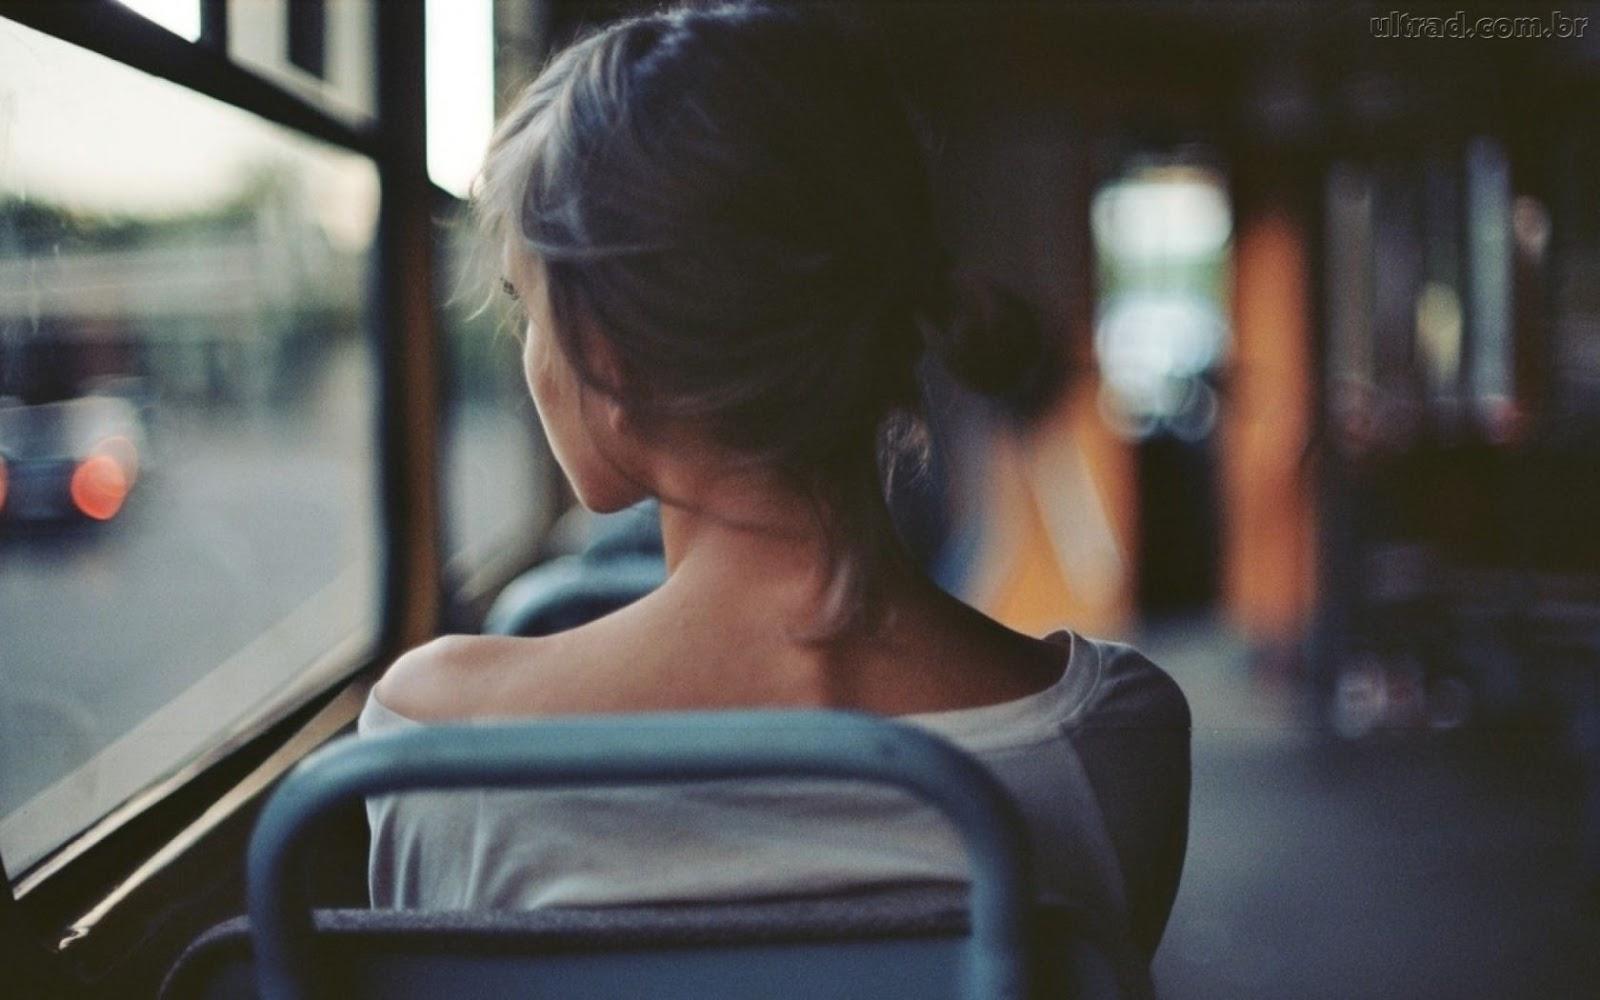 Eu geralmente penso nesses textos quando estou no ônibus, haha!